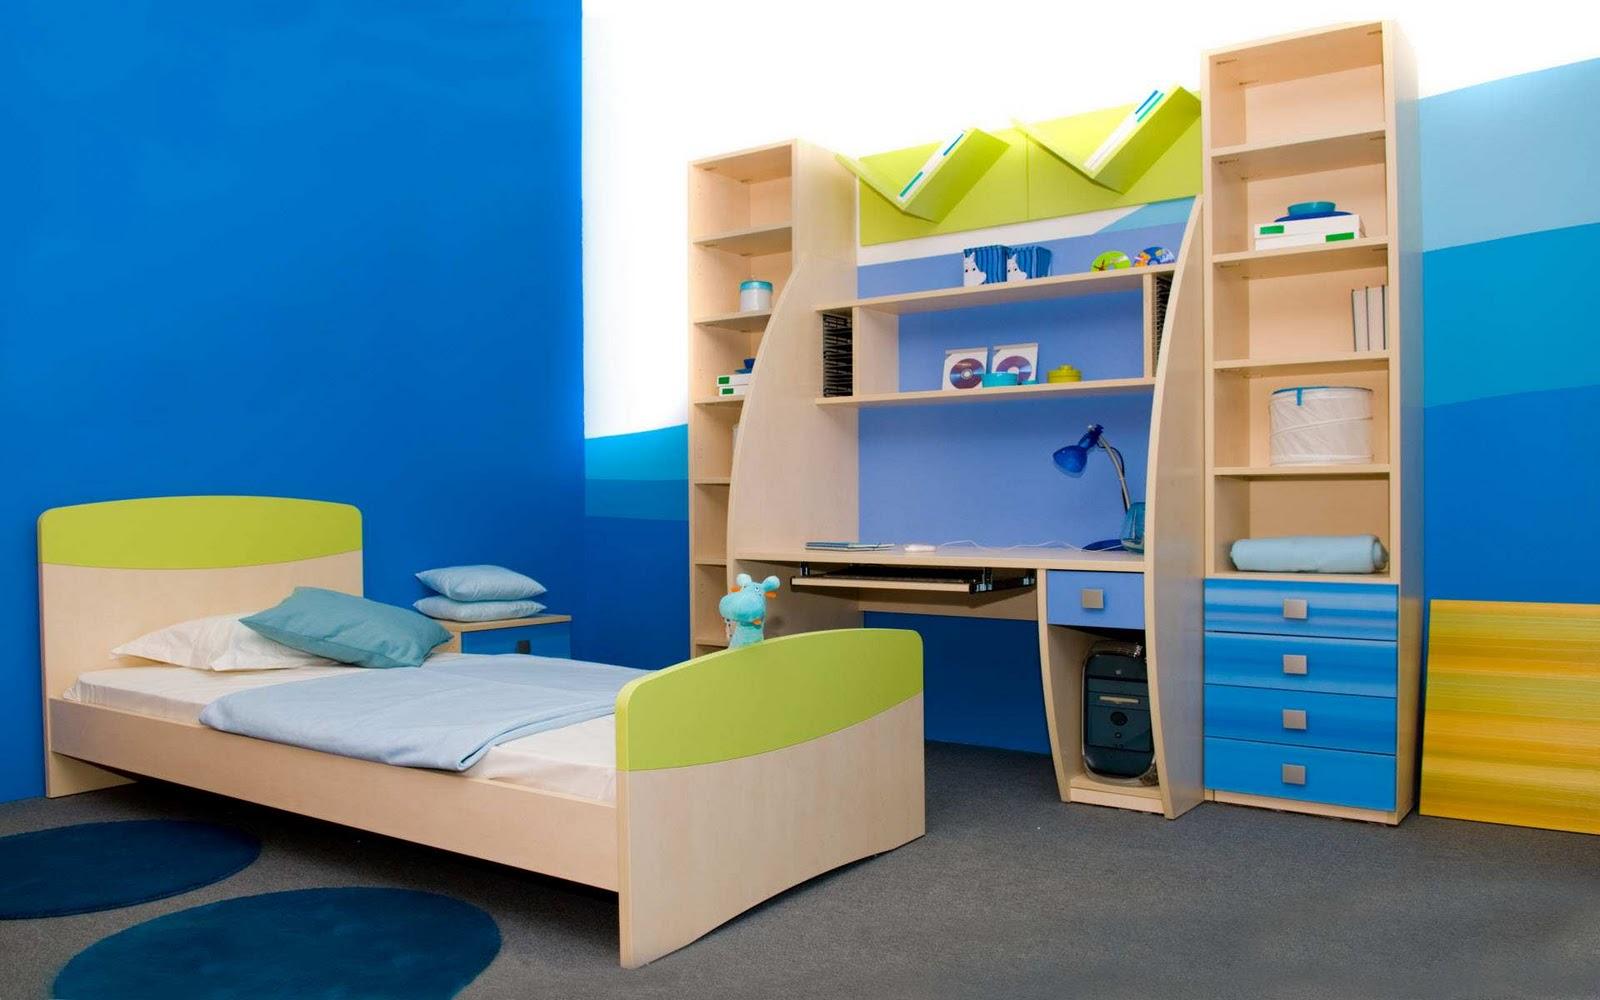 ديكور غرف نوم اطفال  ديكور غرف نوم رقم 25 | ديكور المنزل